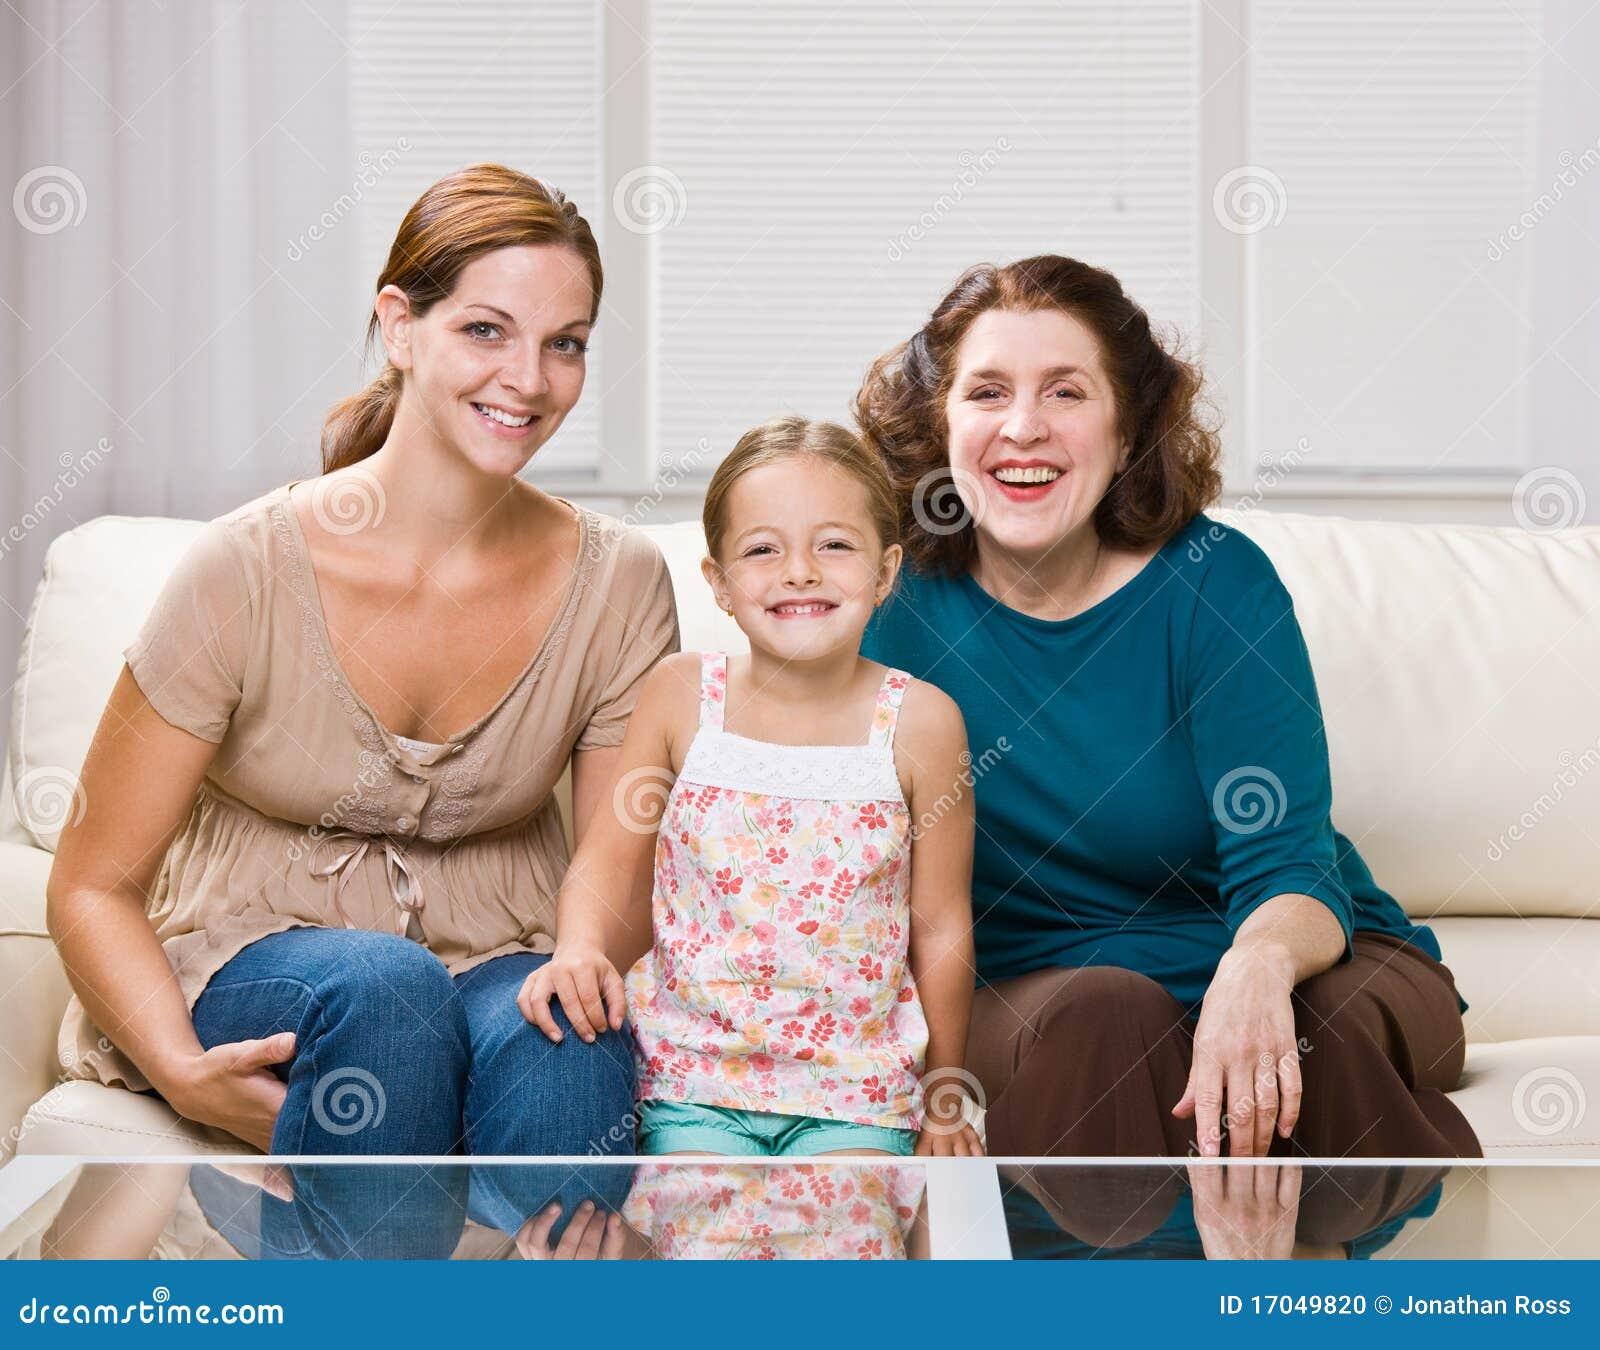 polizal-mame-i-sestre